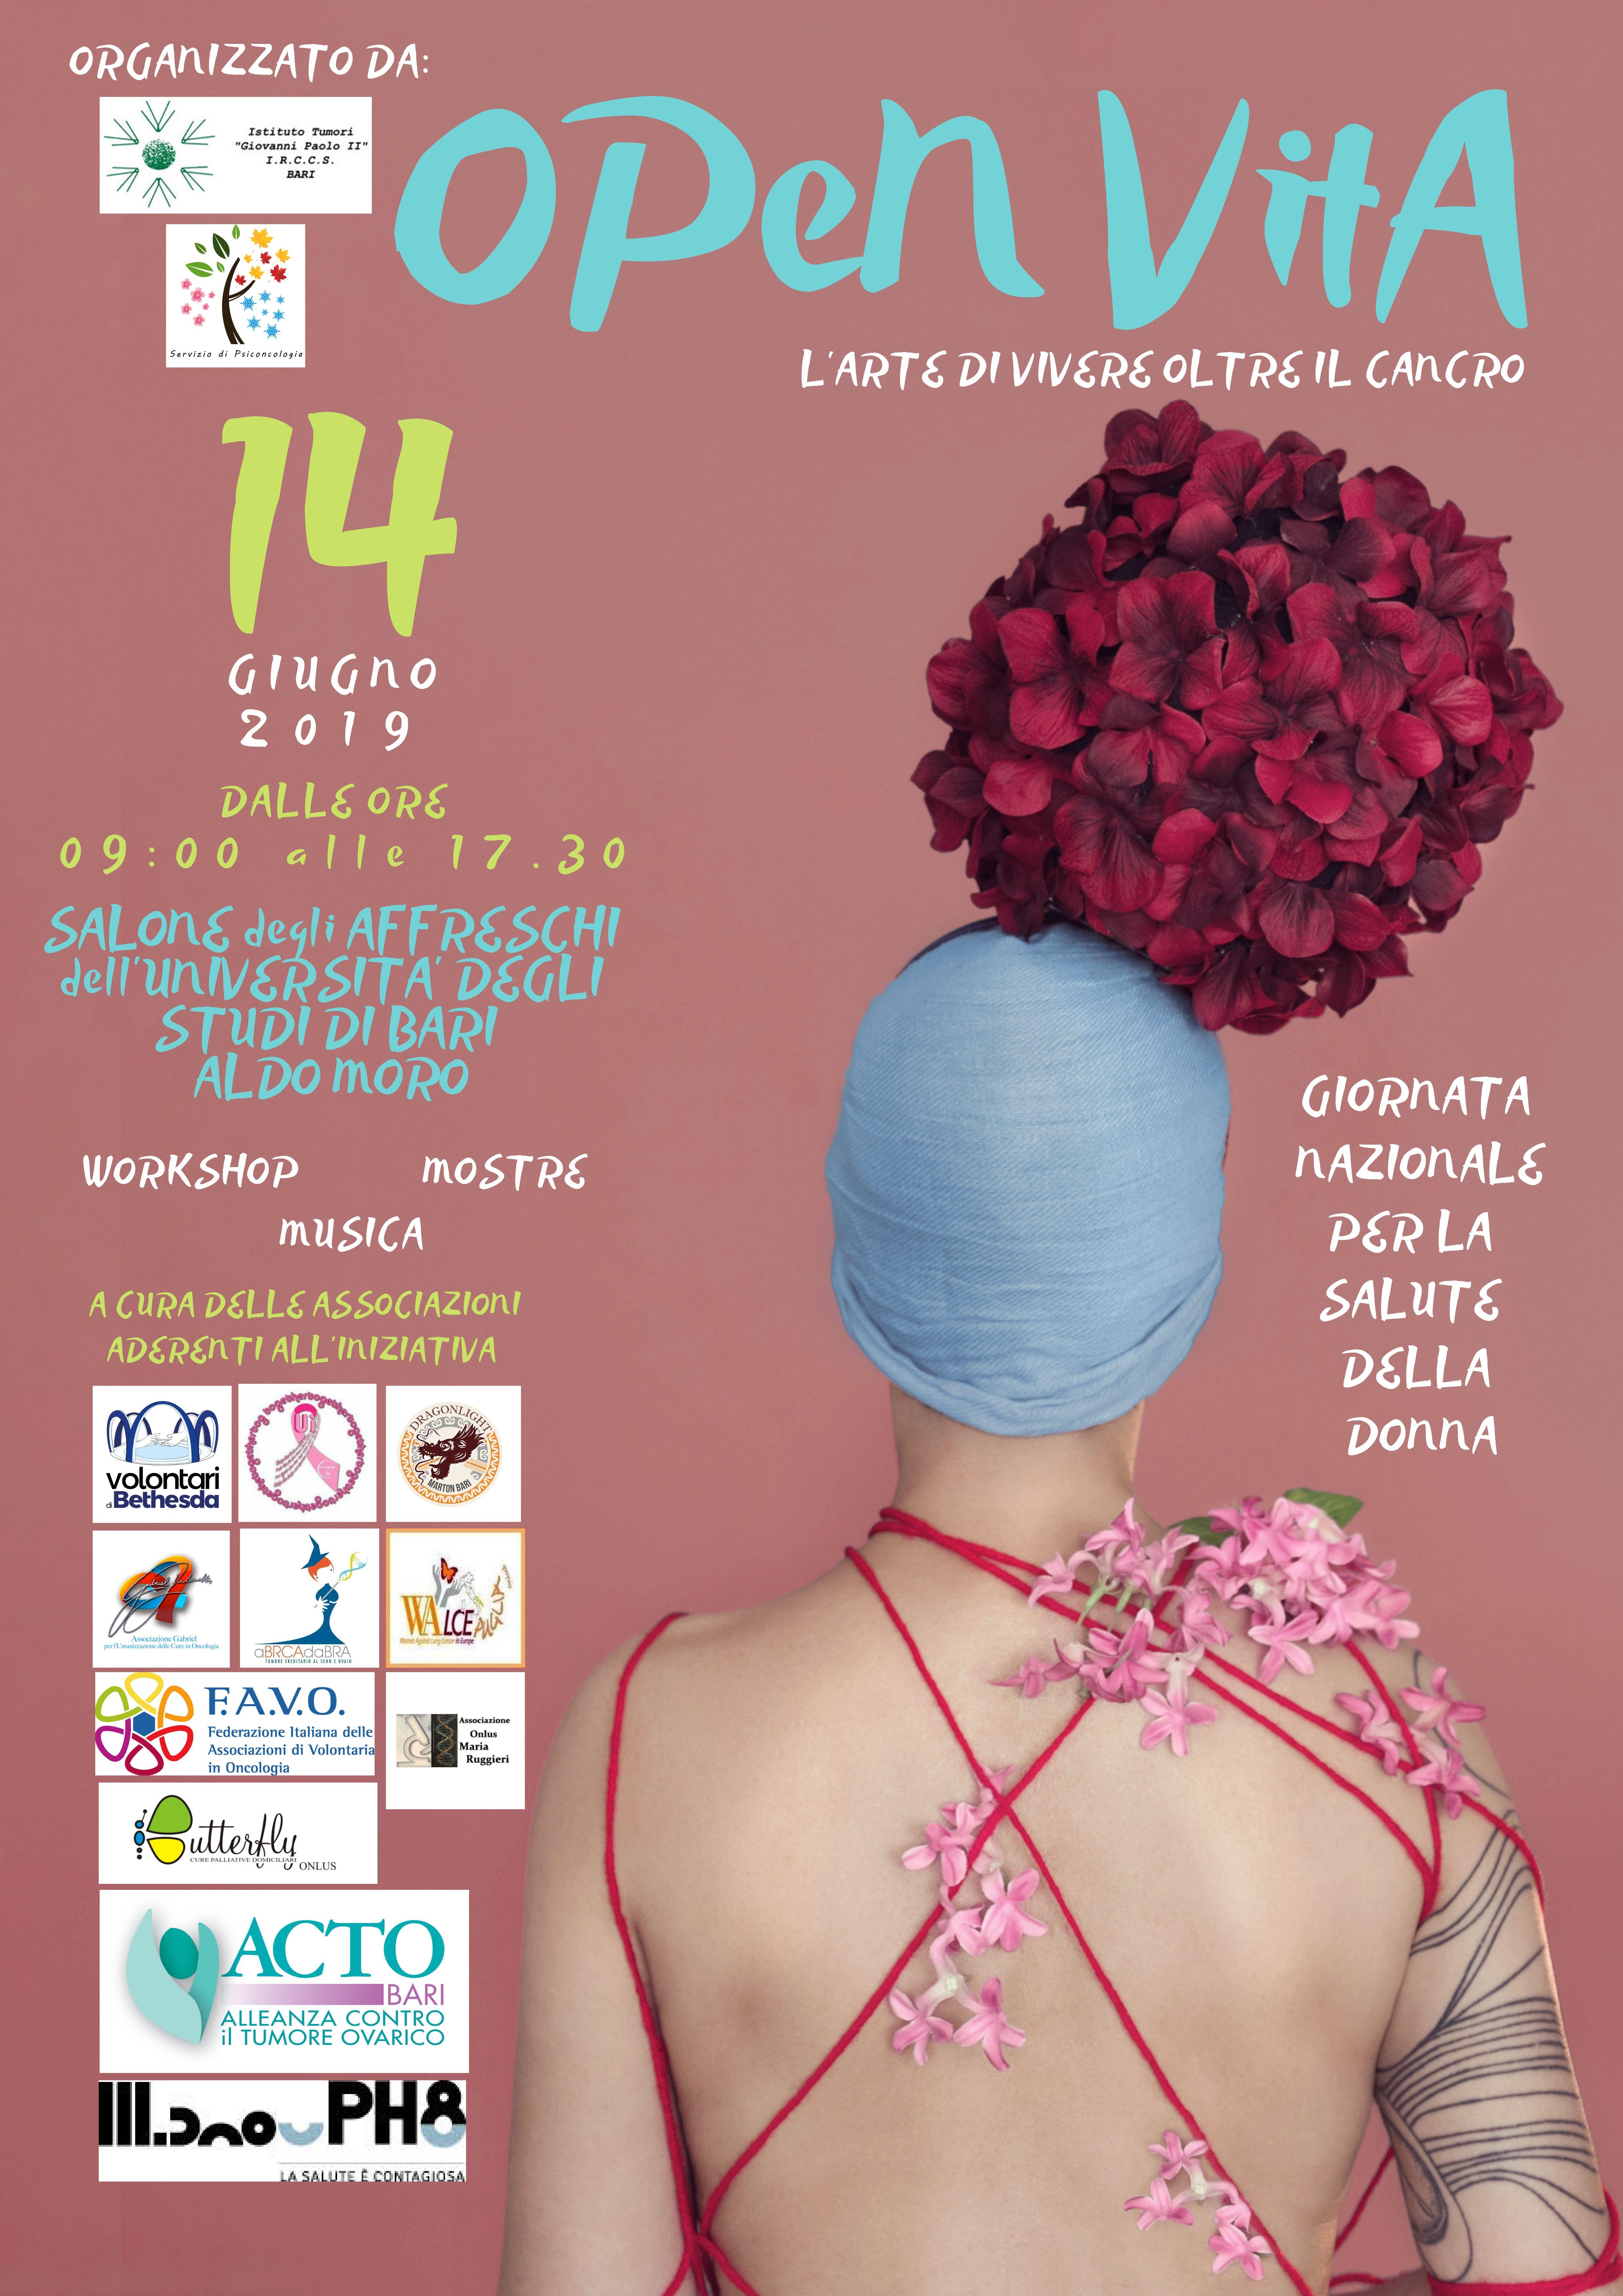 Locandina Open Vita l'arte di Vivere - Giornata Nazionale della Salute della Donna